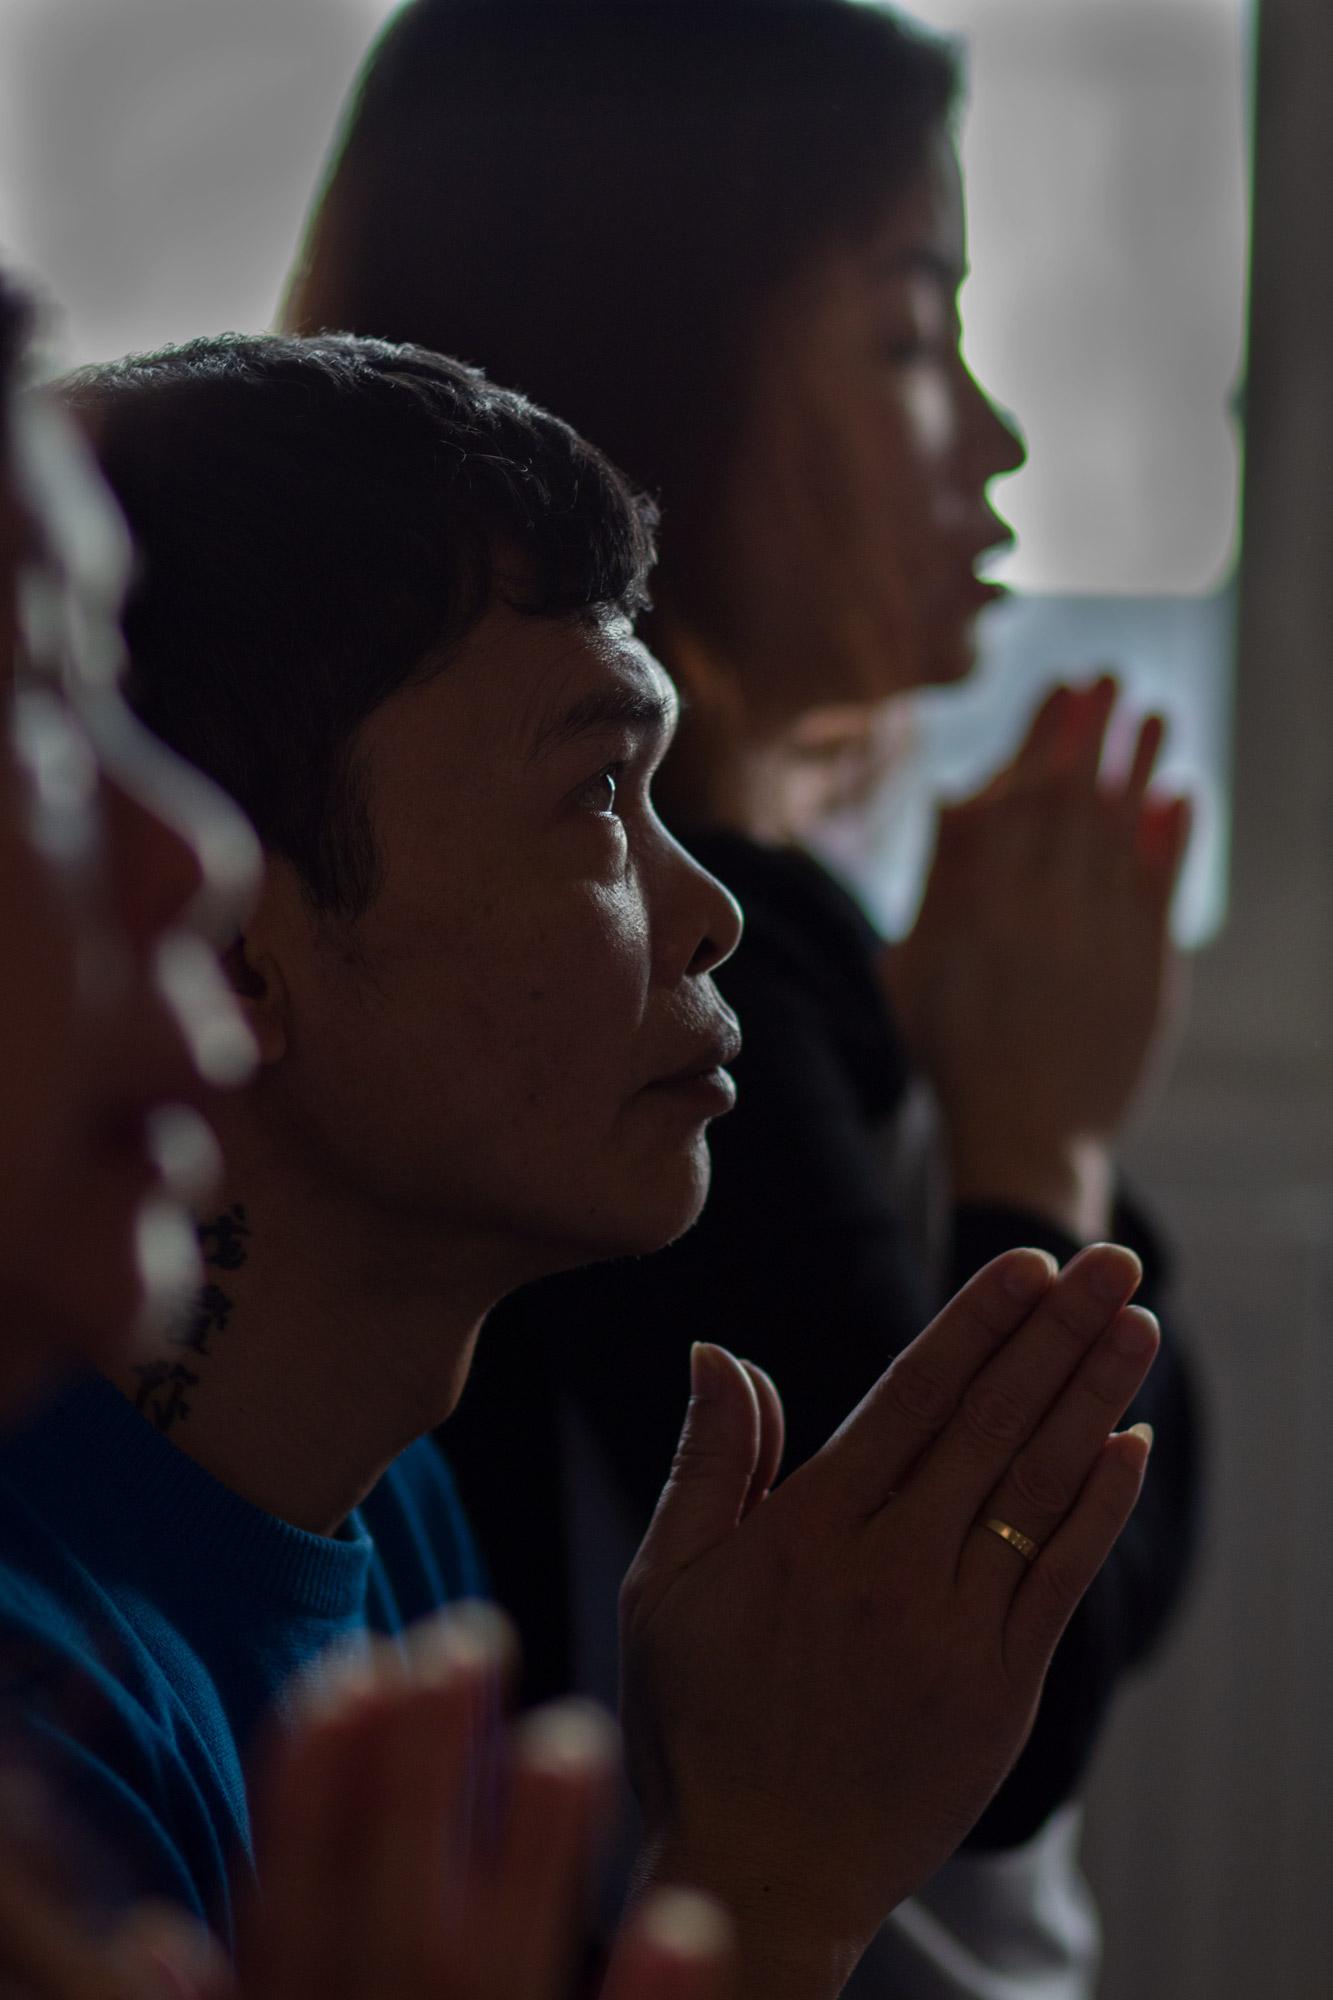 Henkilö rukoilee kämmenet vastakkain, puolilähikuva